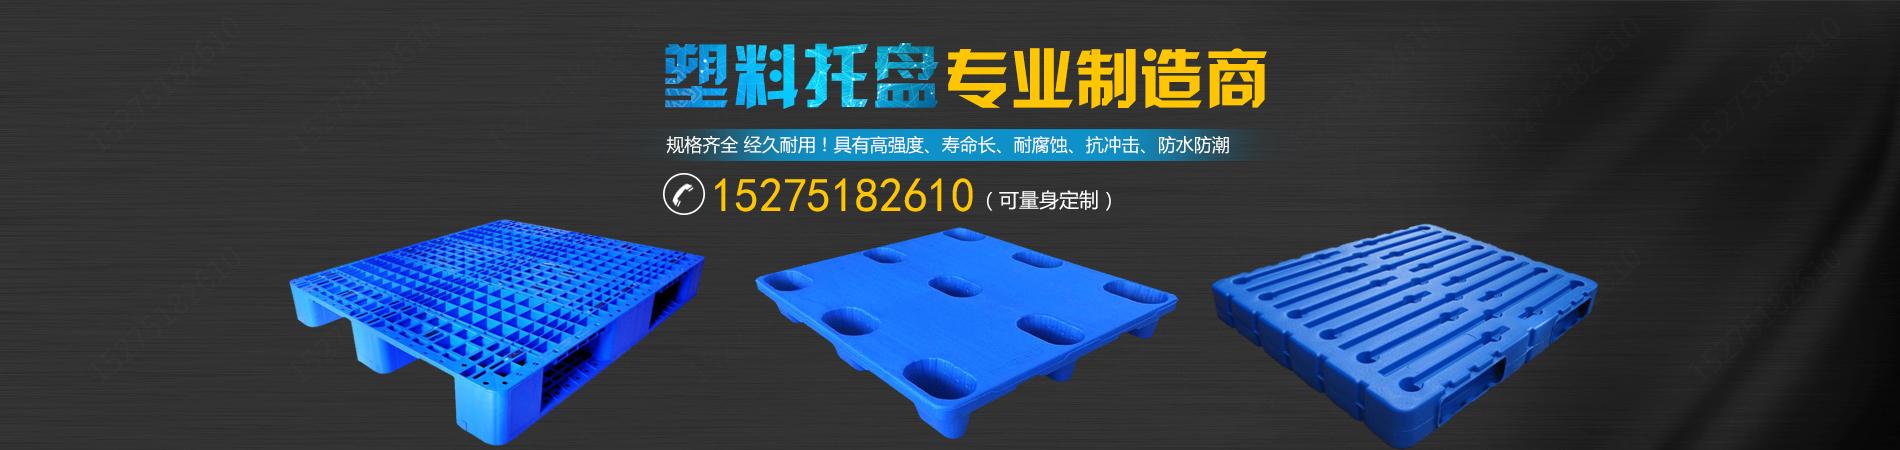 塑料M88明陞廠家、陜西塑料M88明陞、山東塑料M88明陞、成都塑料M88明陞